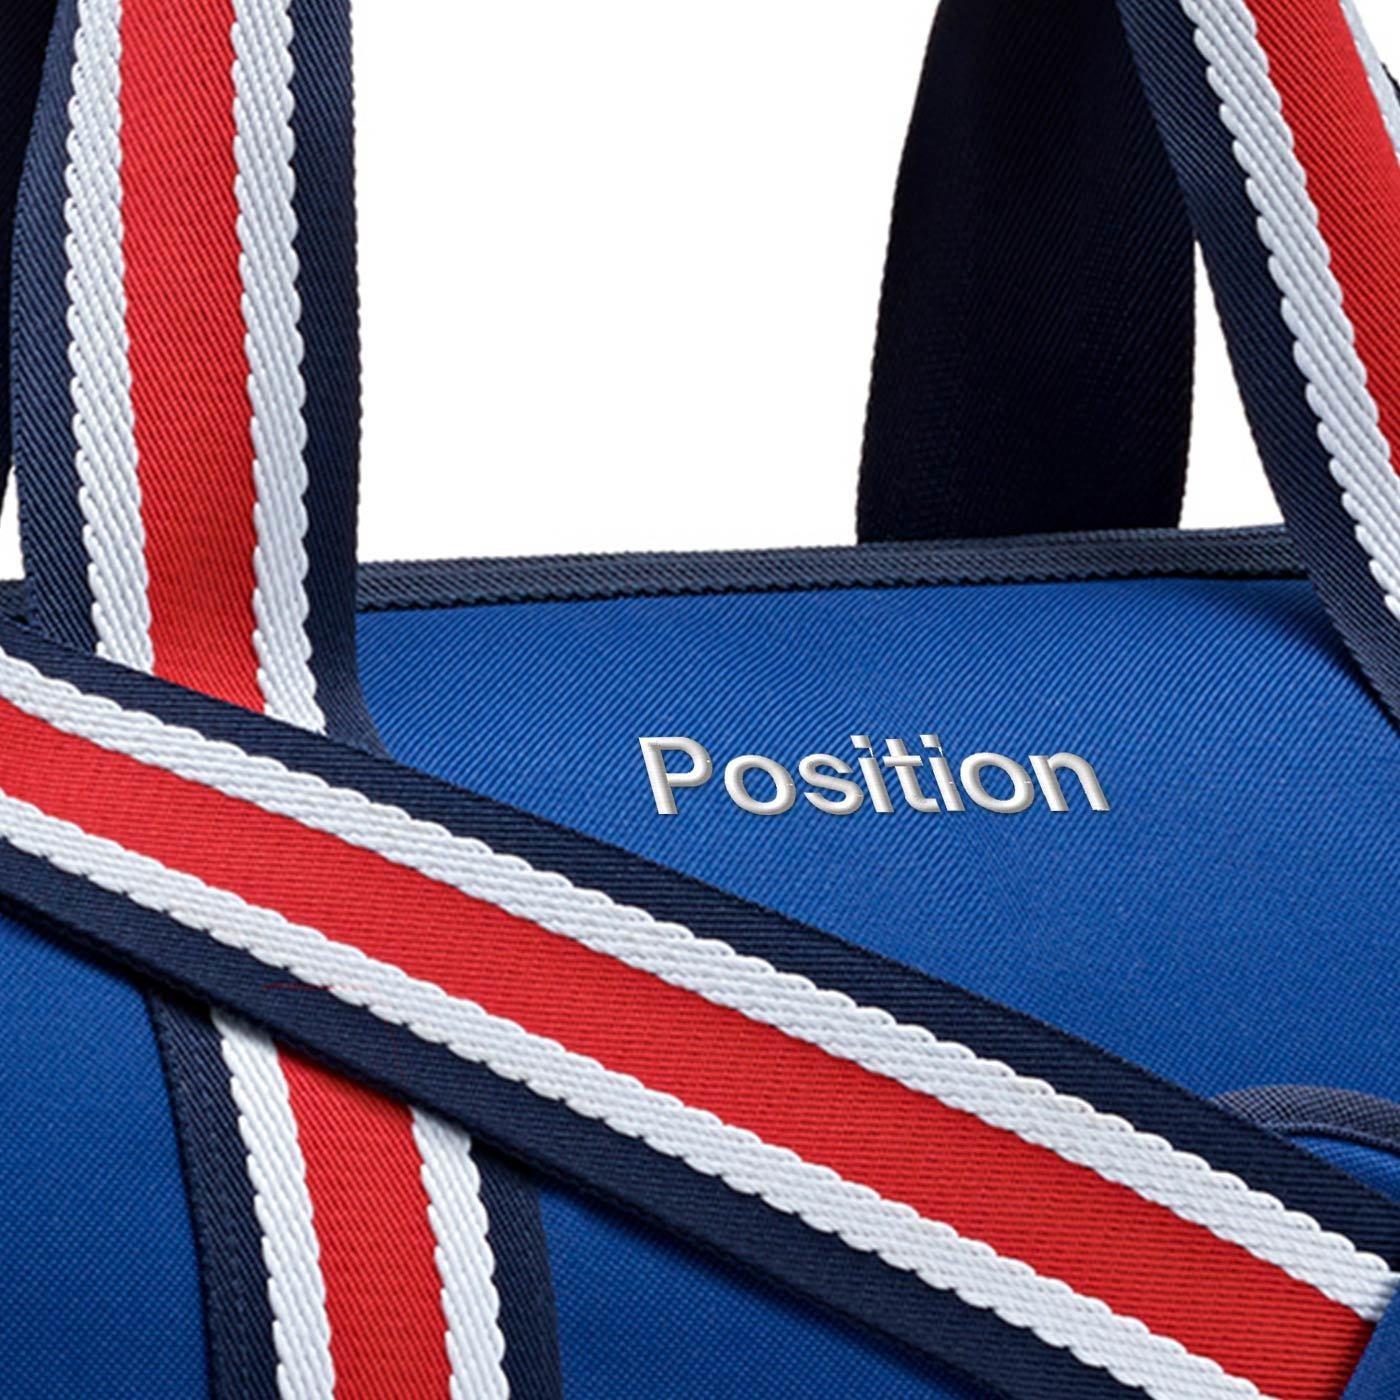 Cestovní taška Allrounder L special edition nautic_2